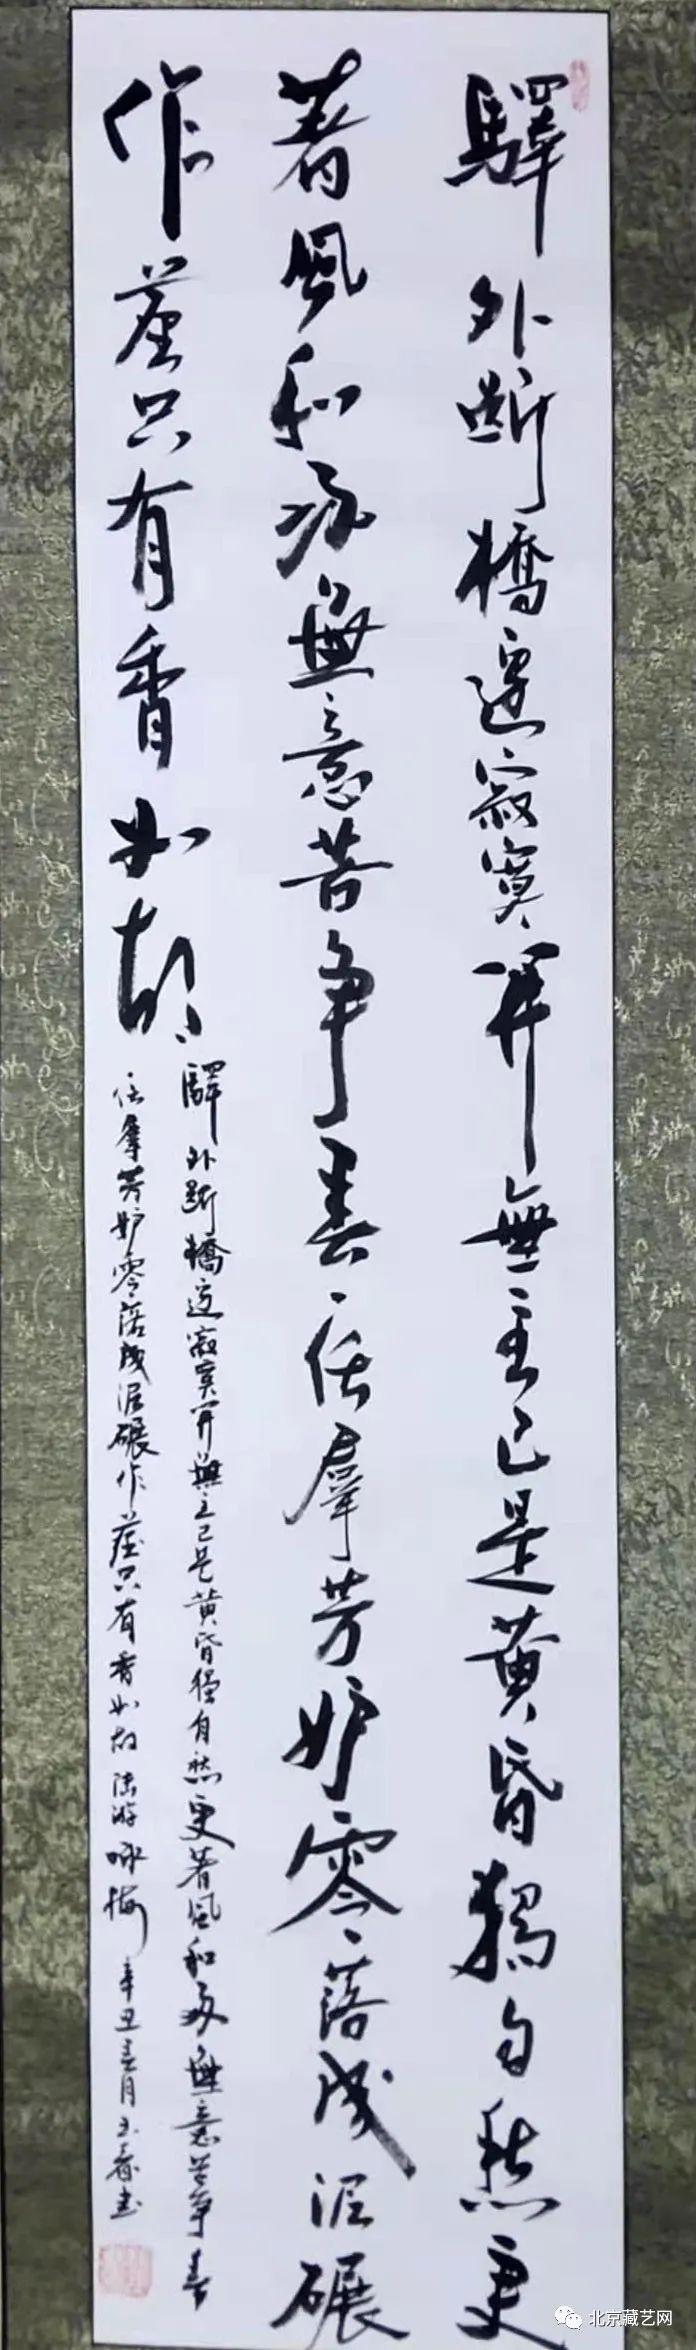 「新时代书画代表人物・杜玉春」献礼建党100周年作品展